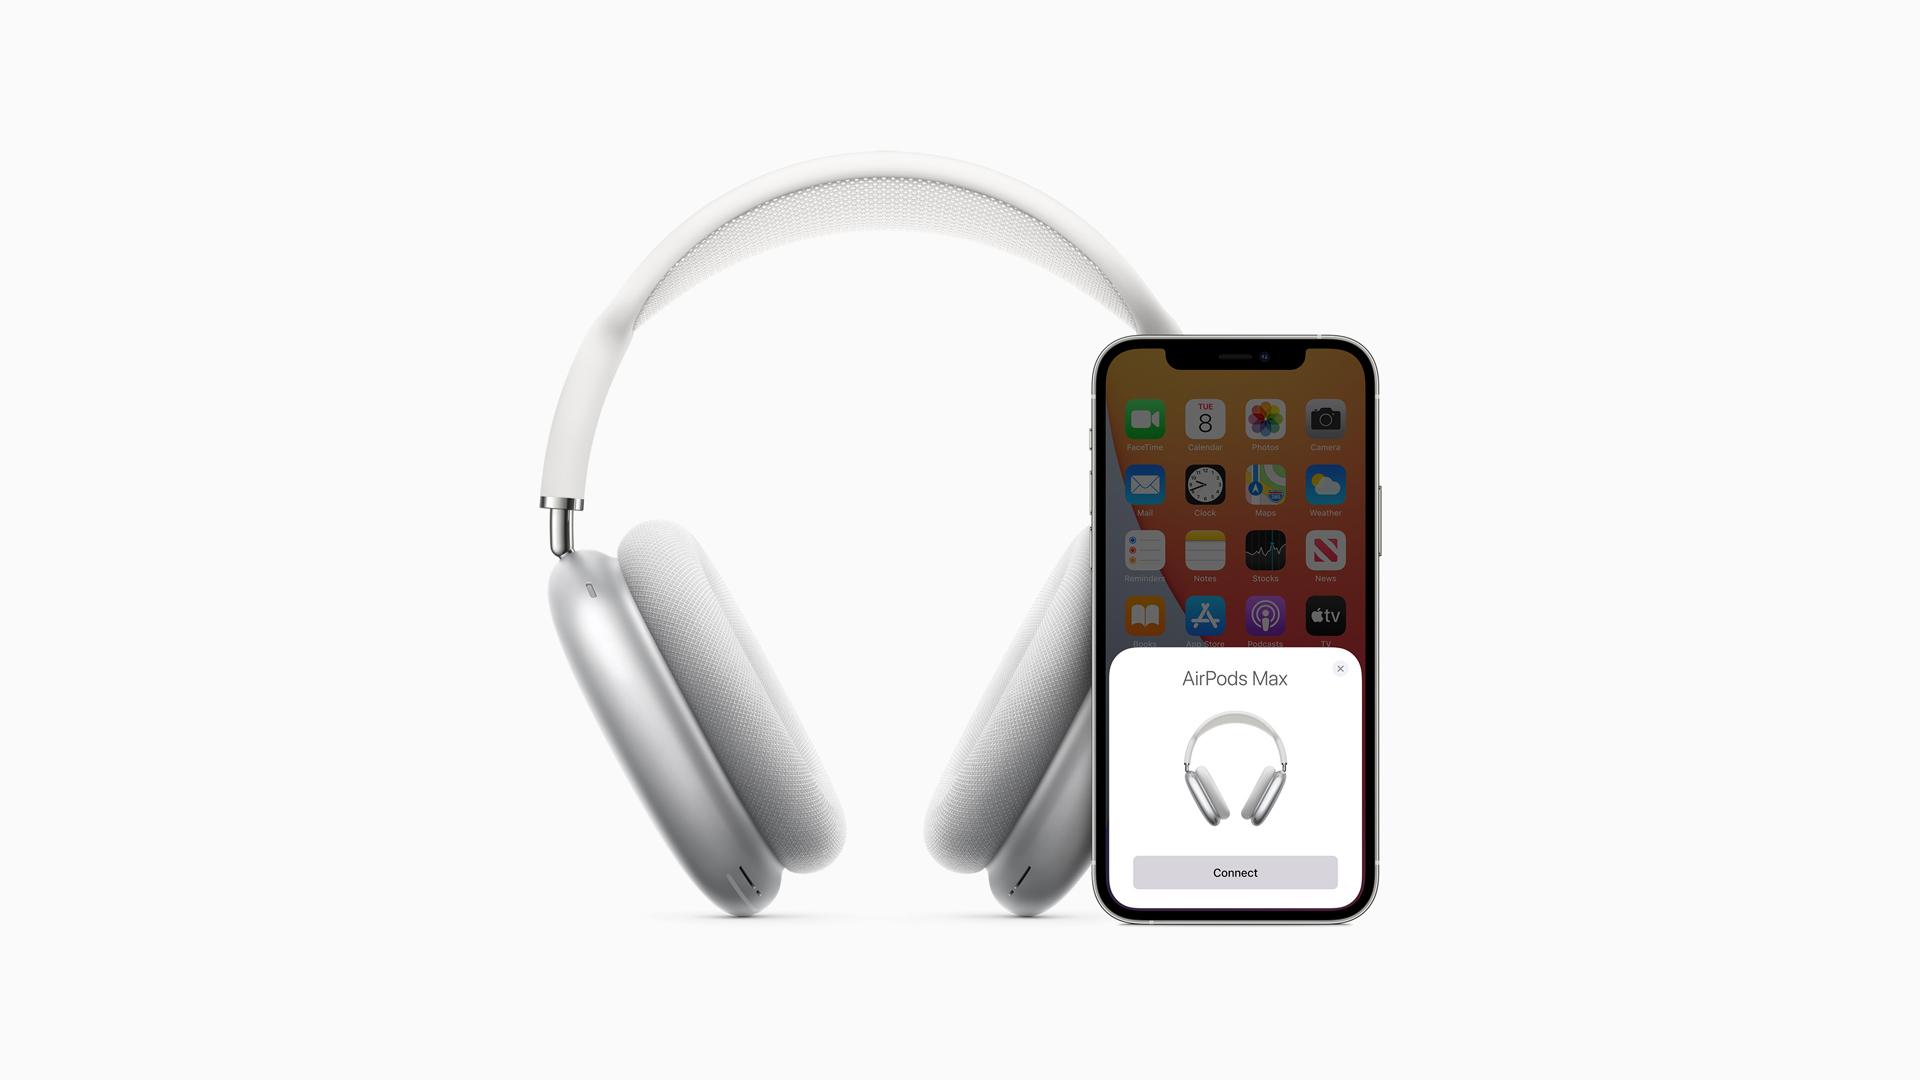 Couplage des AirPods Max avec un téléphone iOS sur fond blanc.